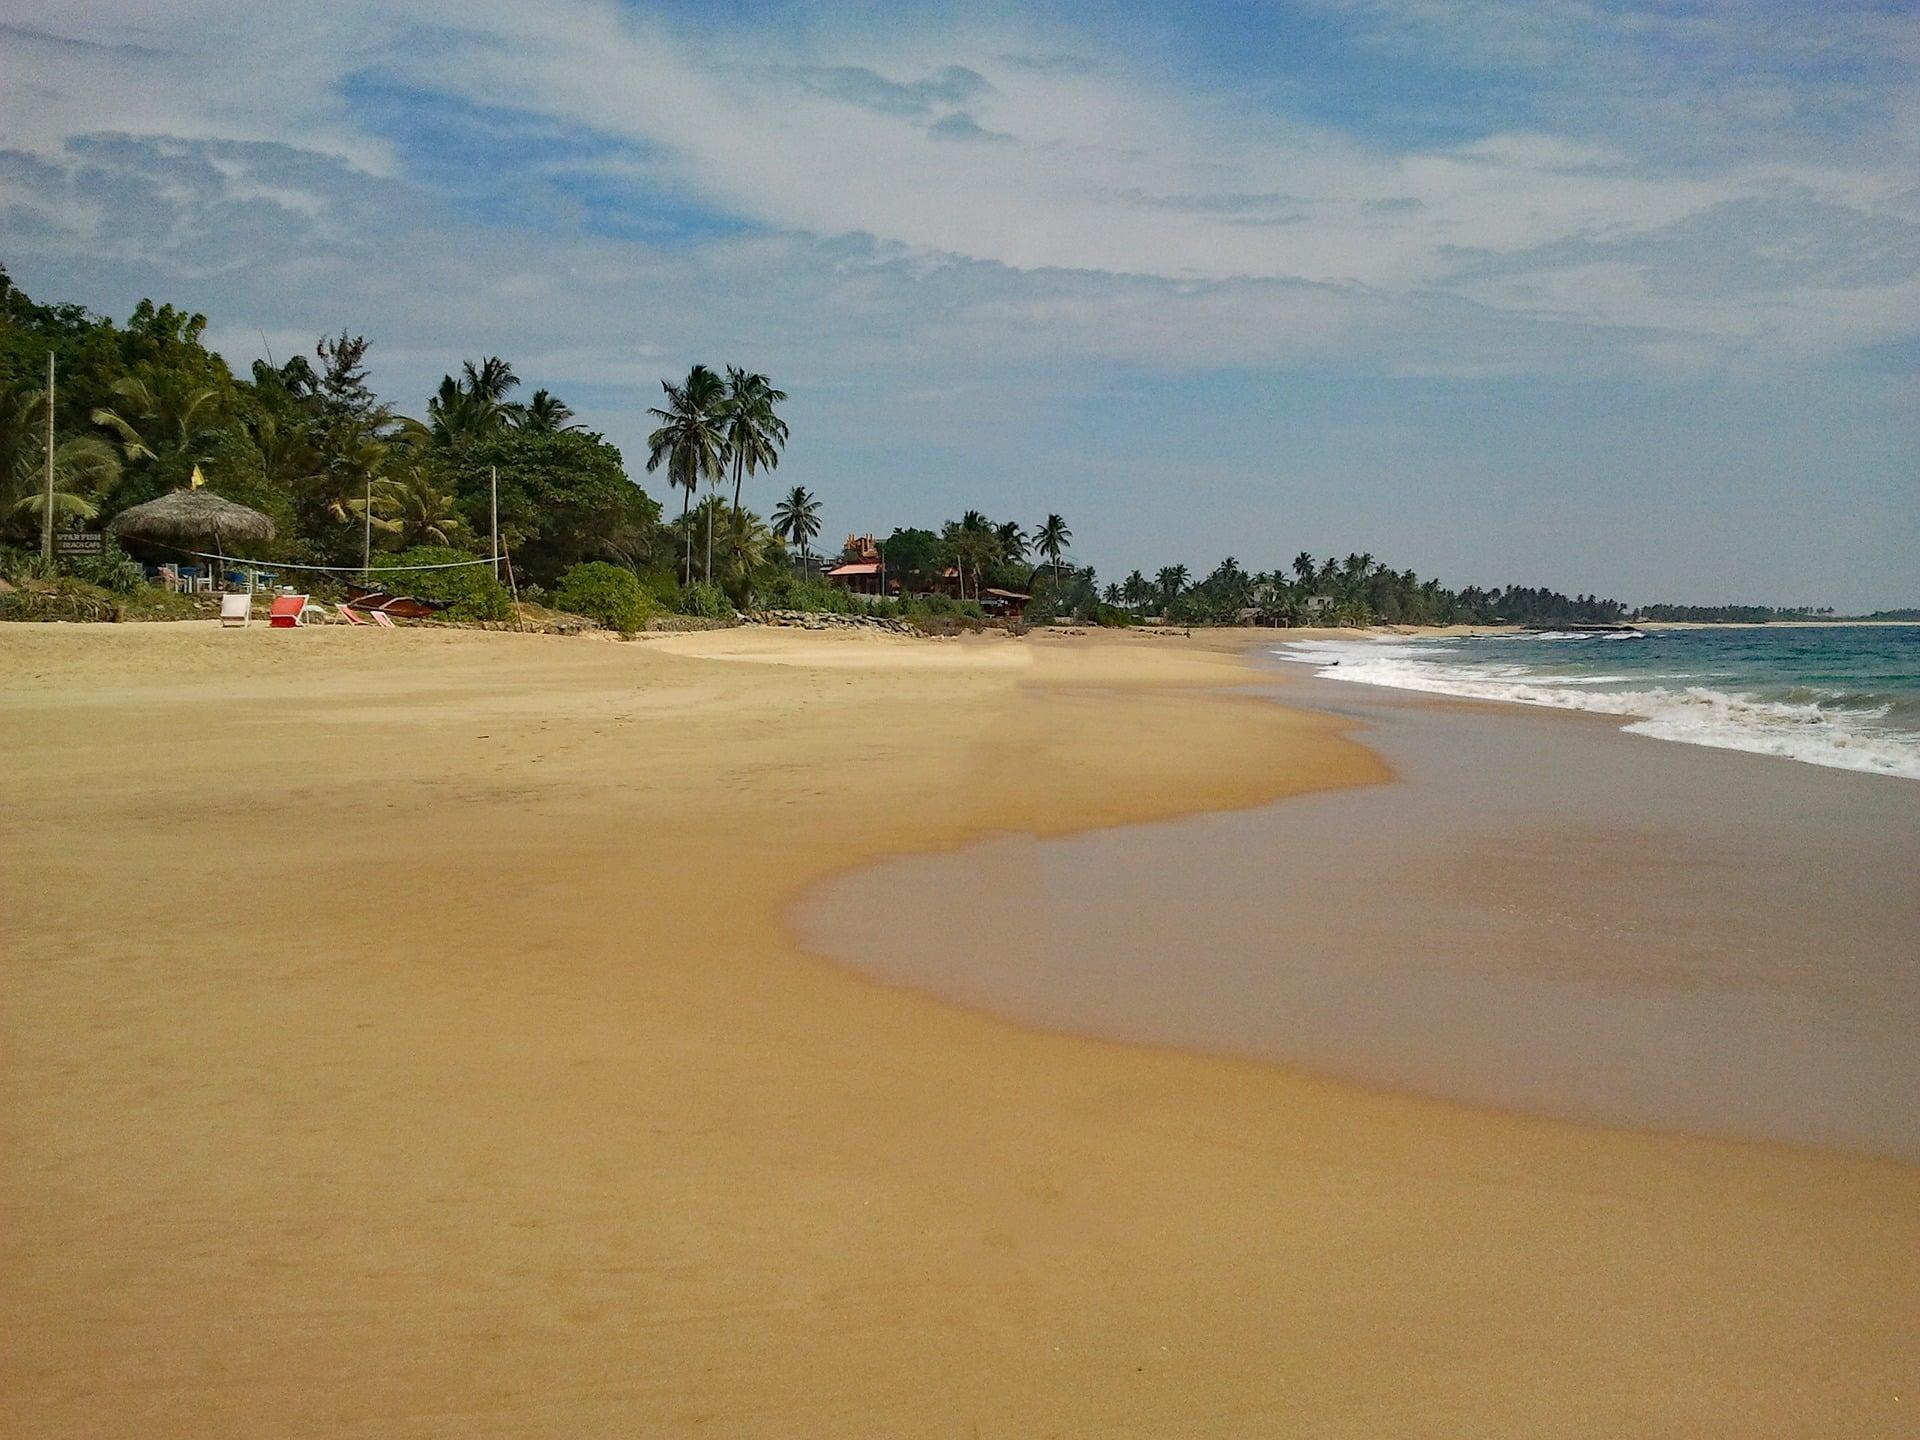 Hikkaduwa, Sri Lanka tourist spots